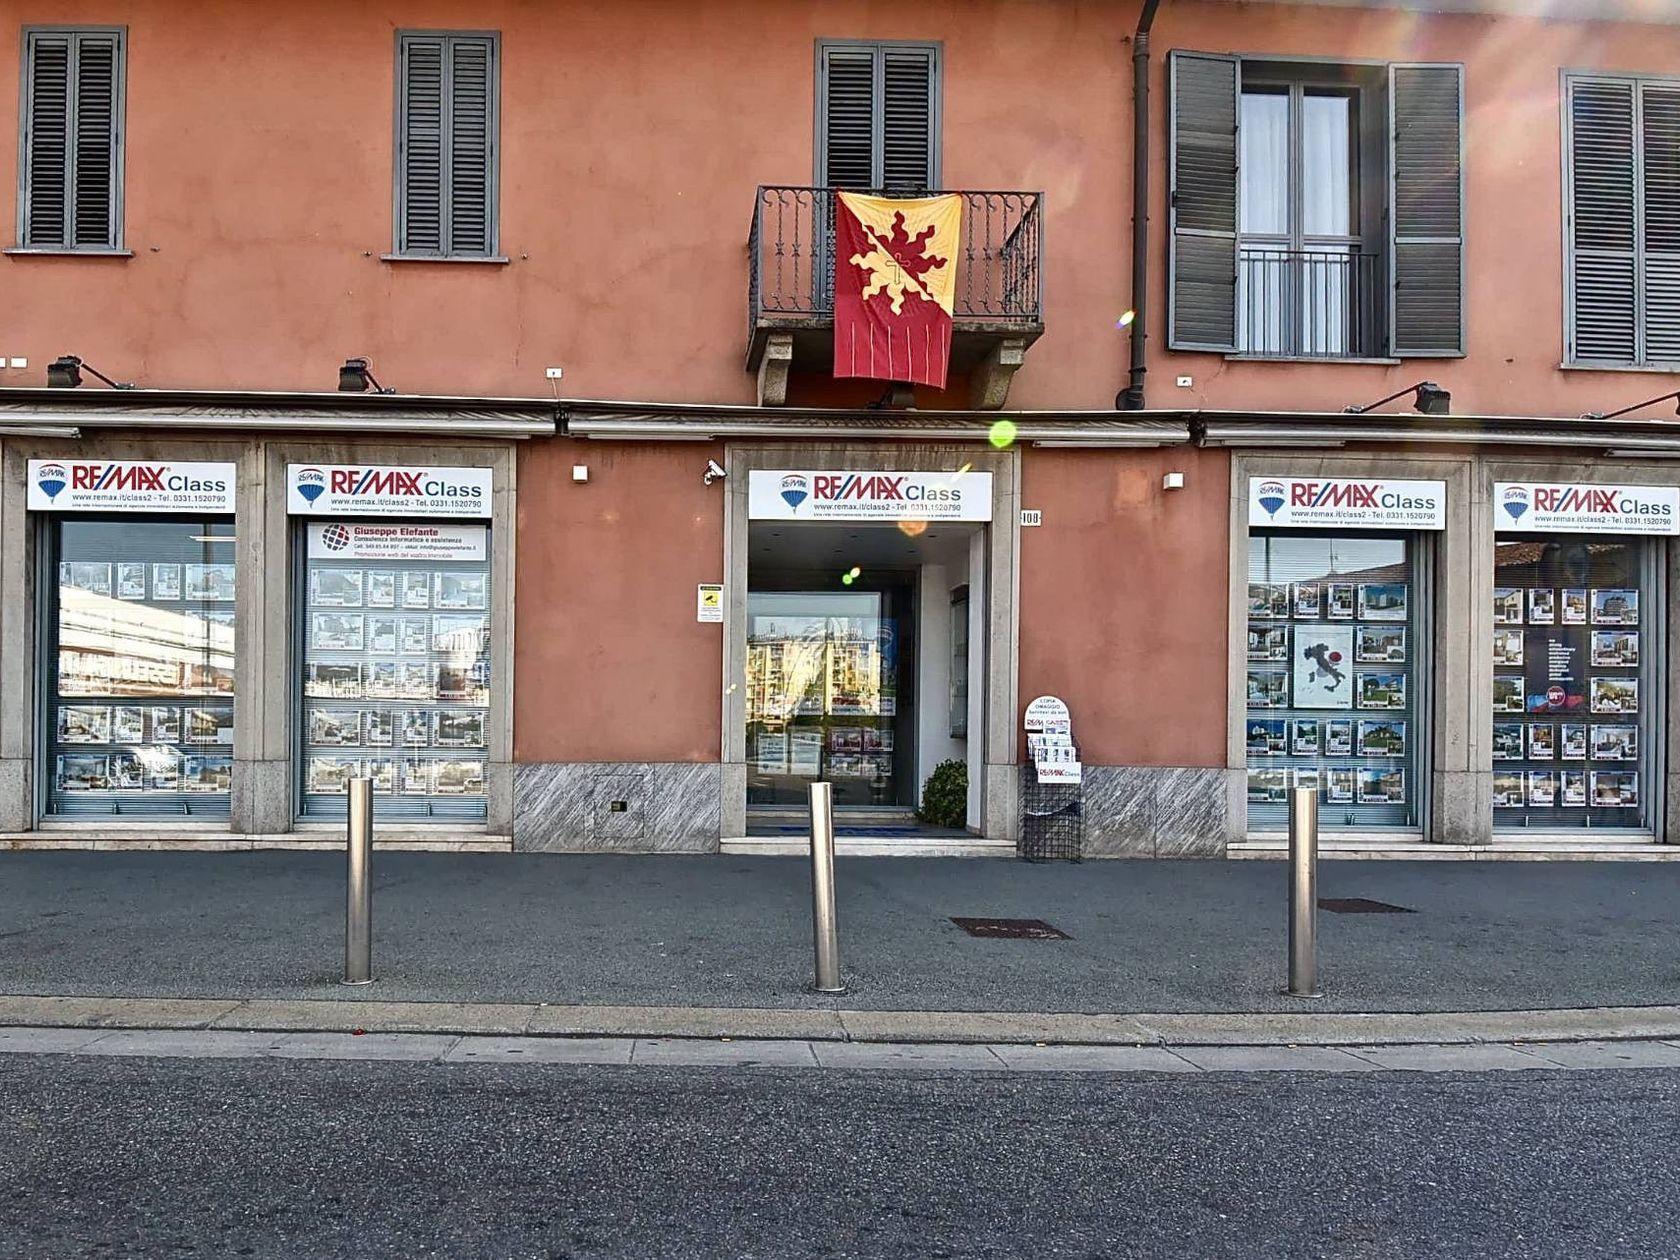 RE/MAX Class 2 Legnano - Foto 2